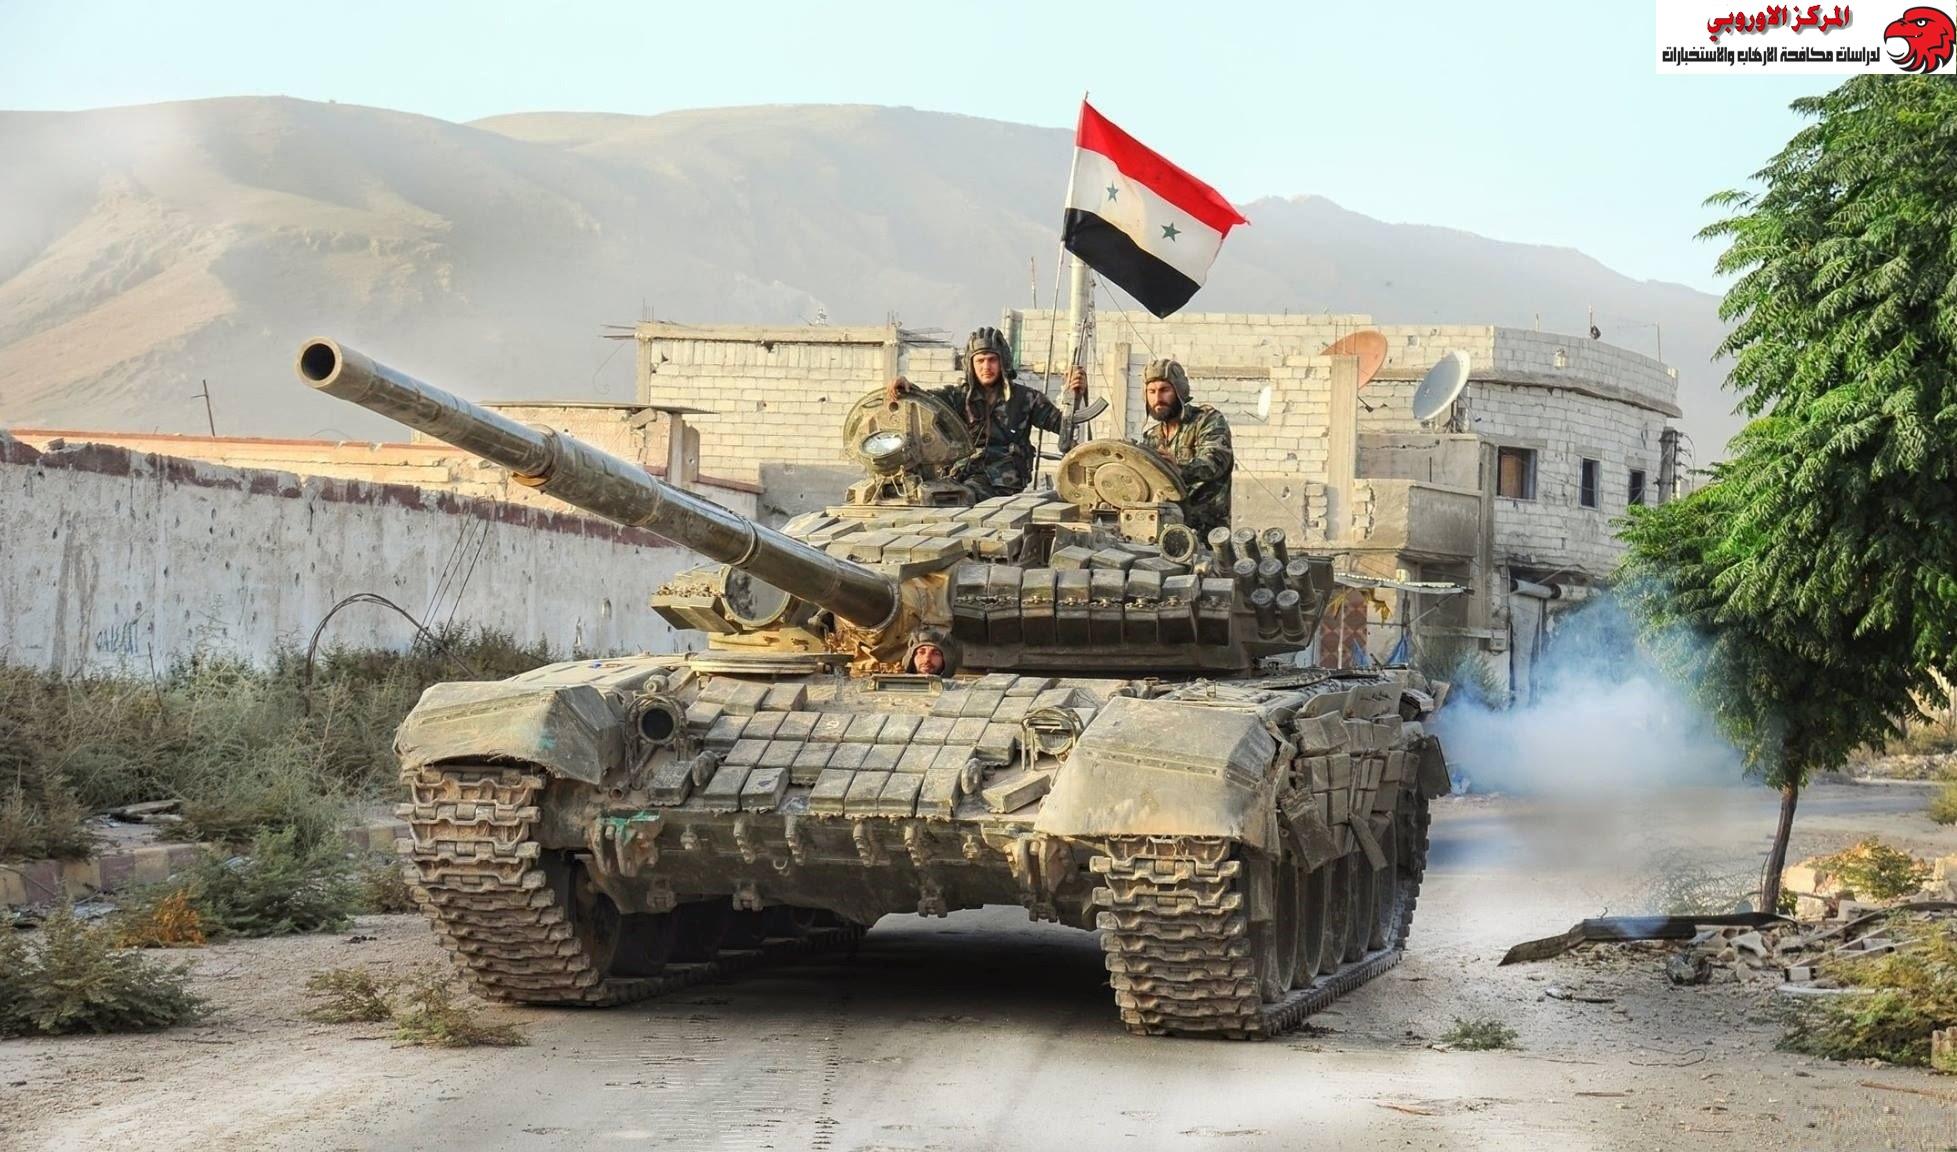 معركة ادلب الكبرى على الأبواب .. بقلم صفوان داؤد